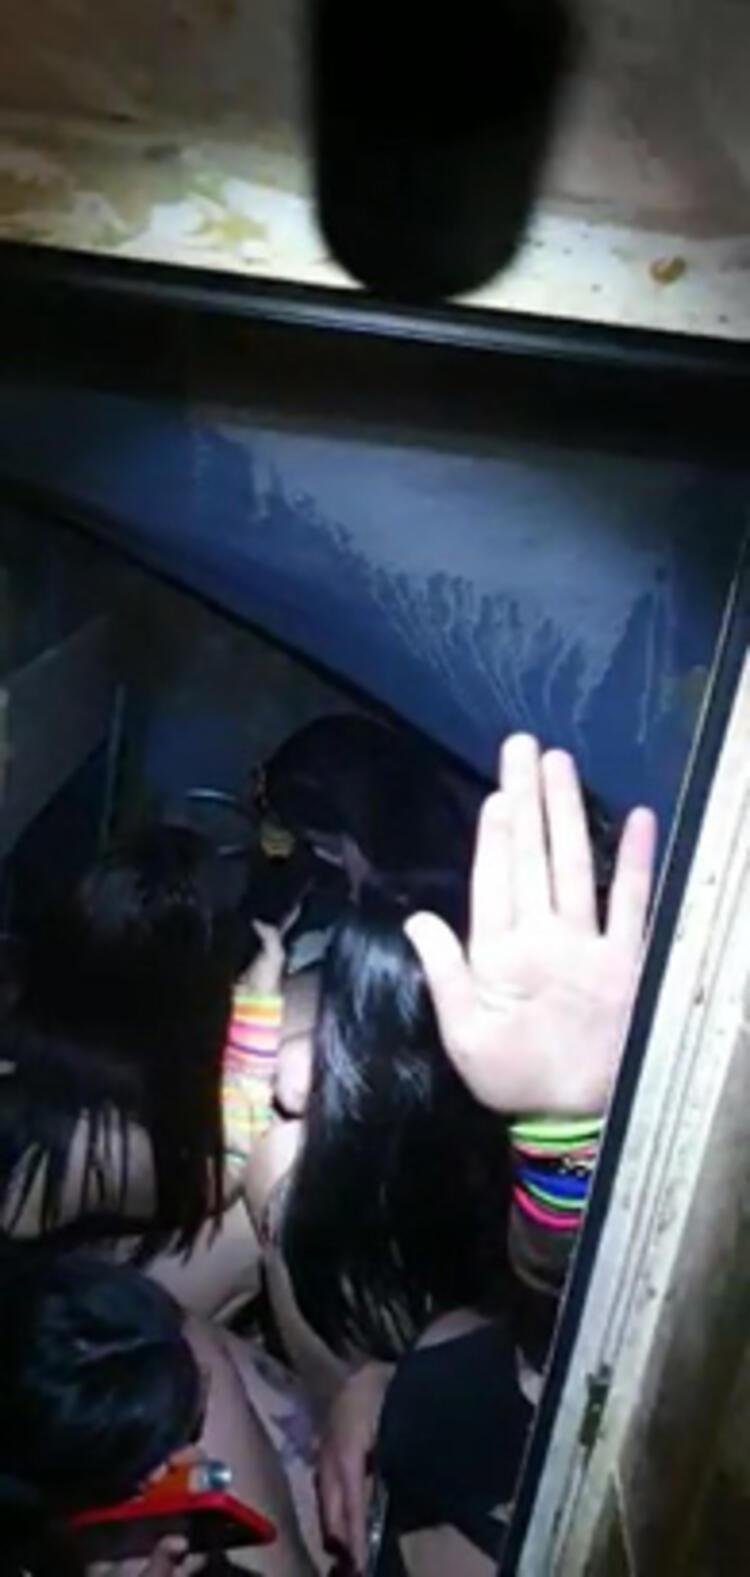 Şok baskın: 3 erkek kadınlar tuvaletinde yakalandı - Resim: 1